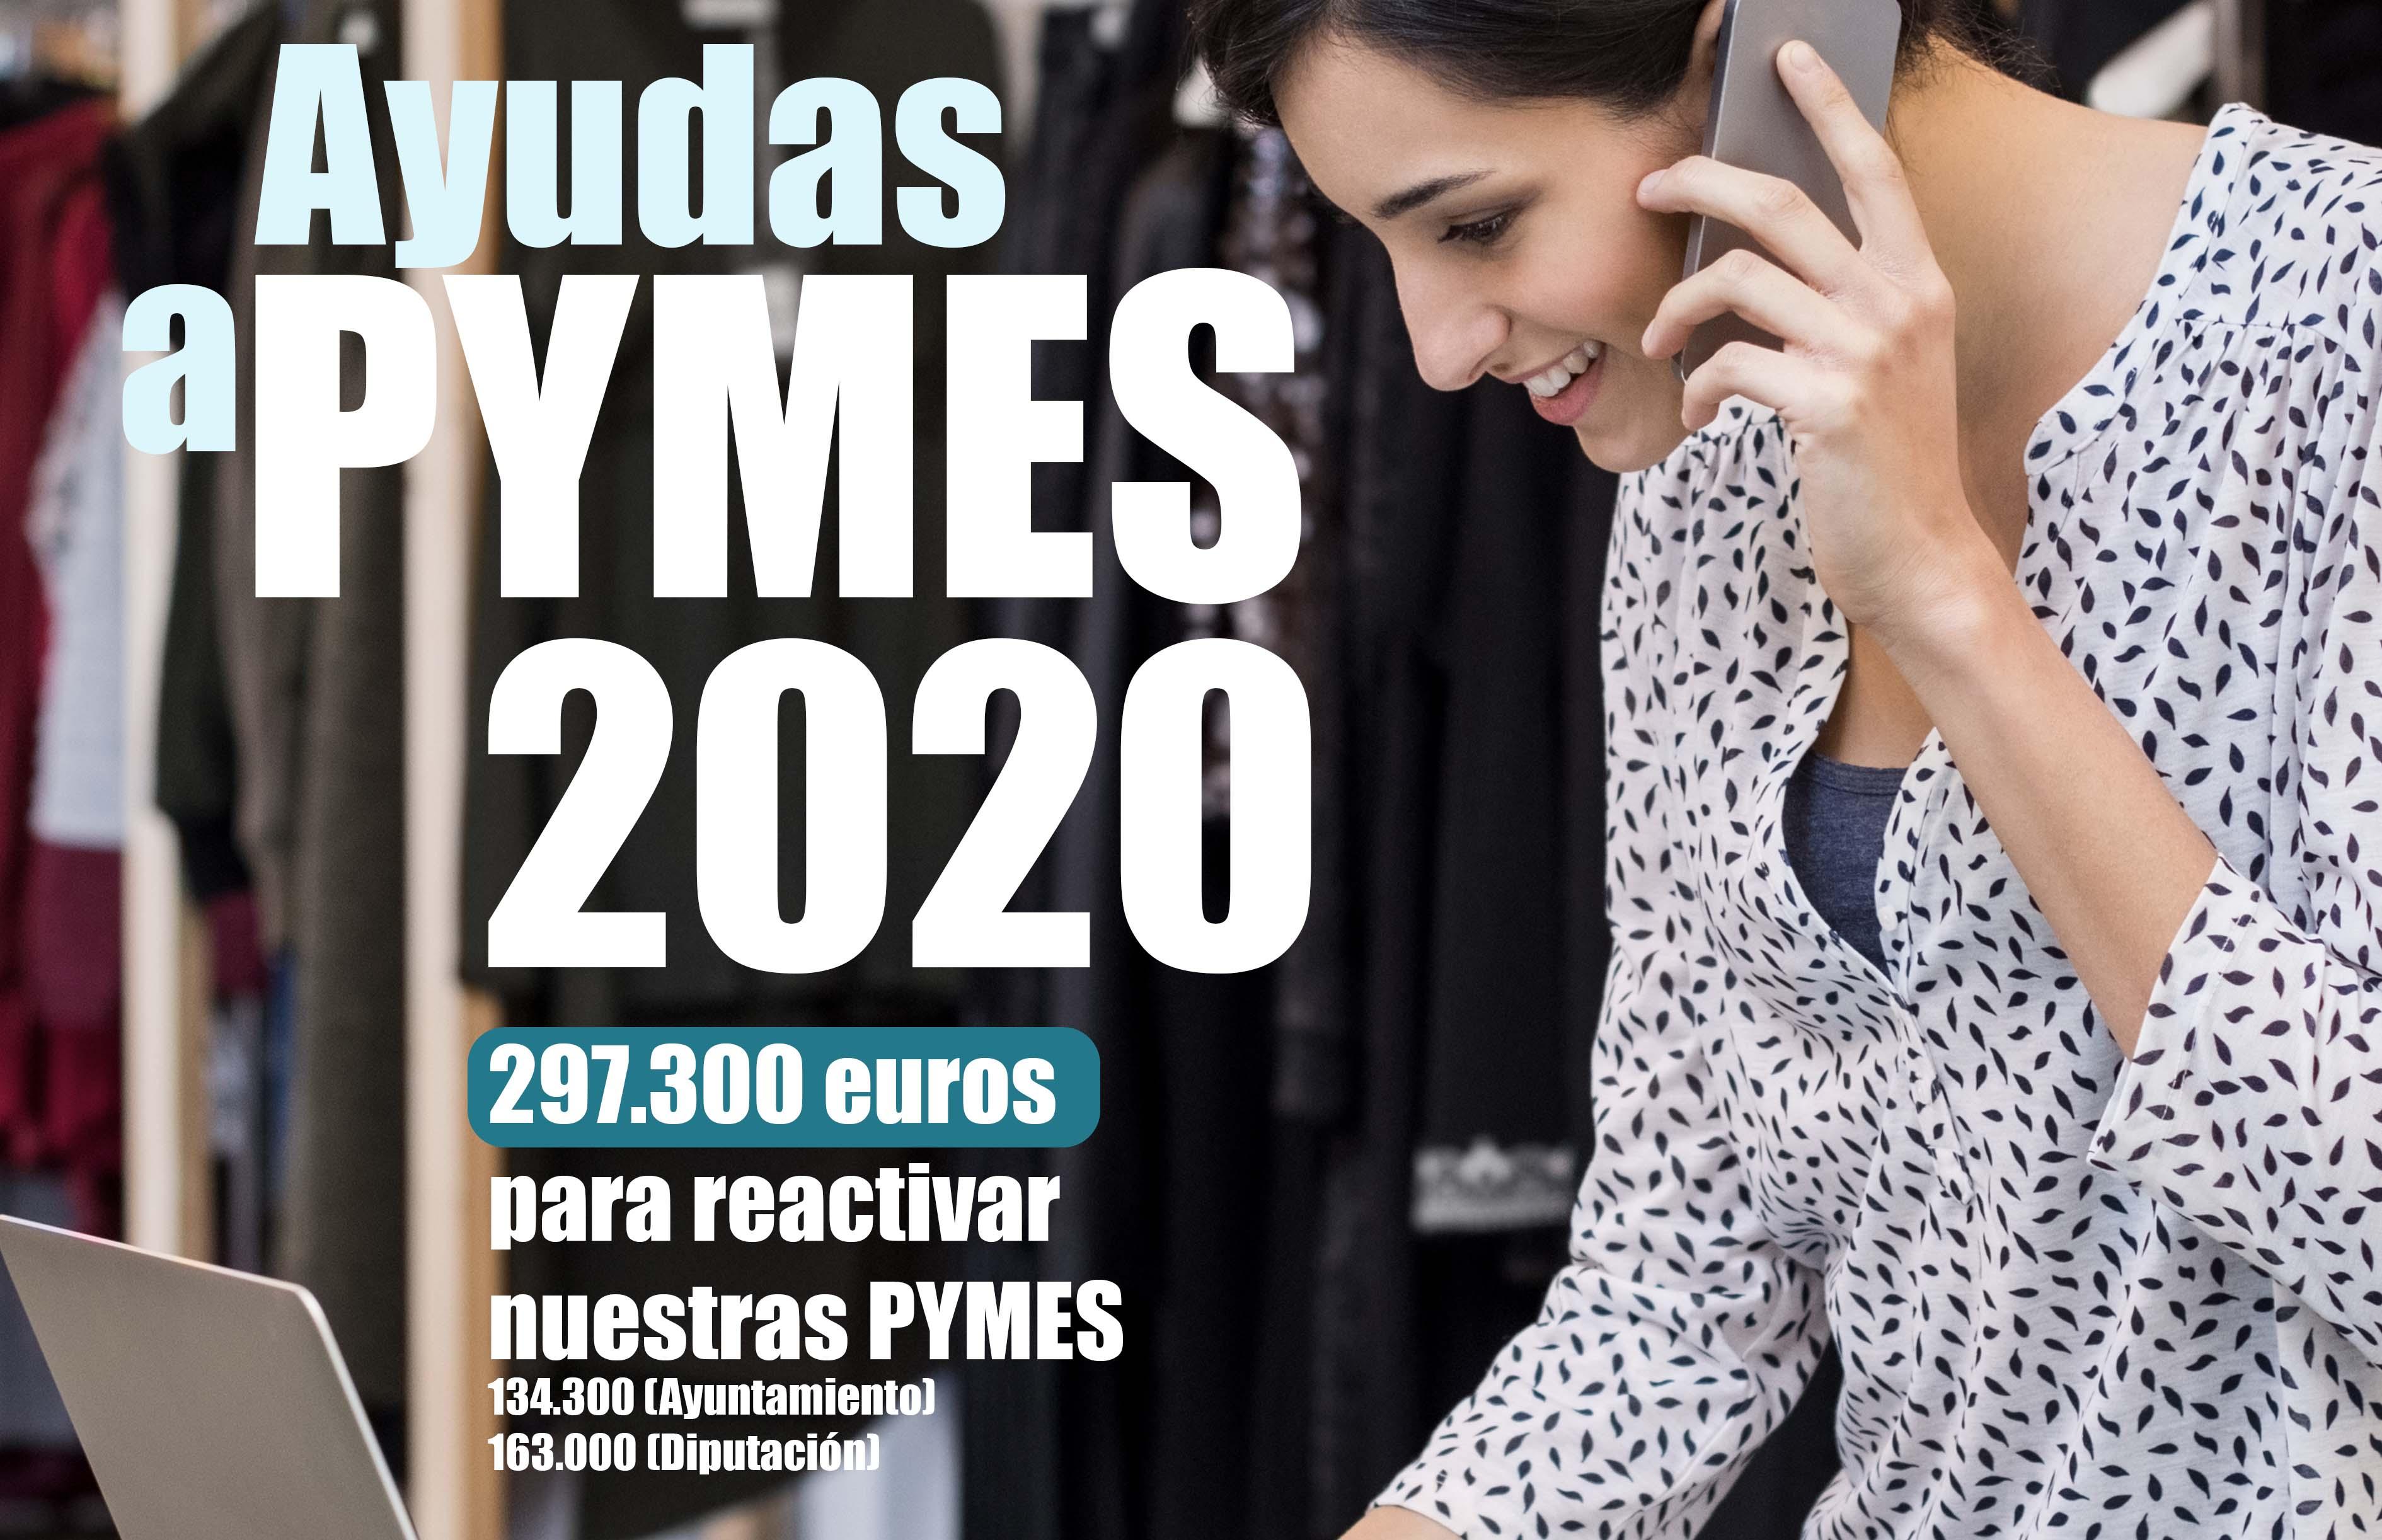 Ayudas 2020: 297.300 euros para reactivar nuestras PYMES